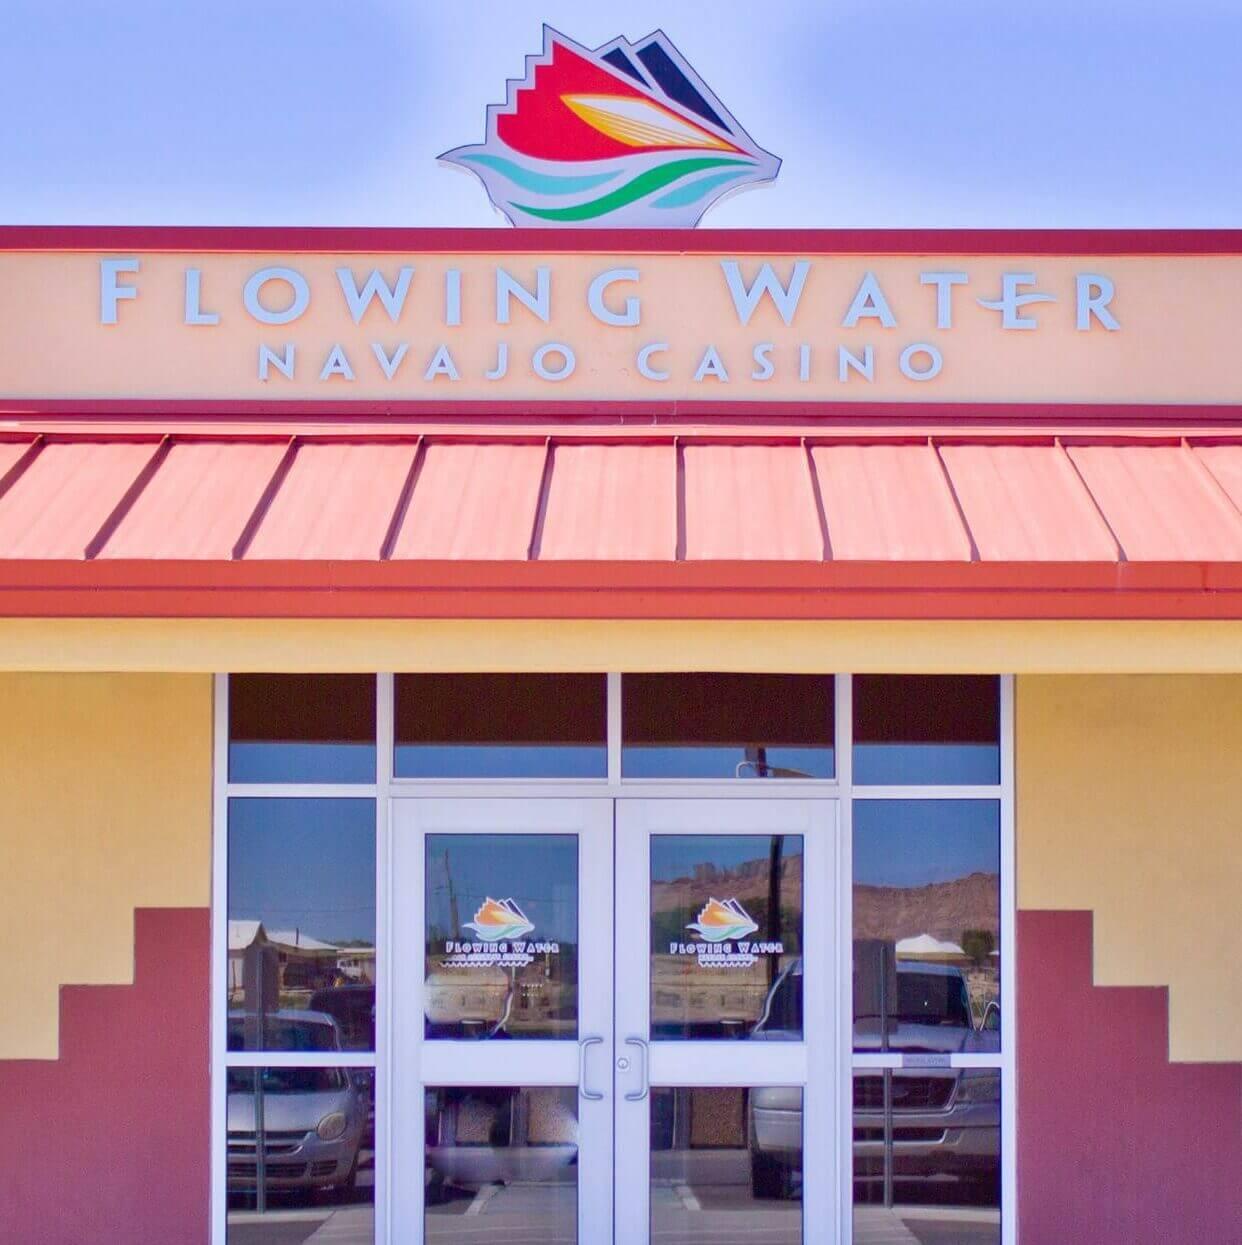 Flowing Water Navajo Casino